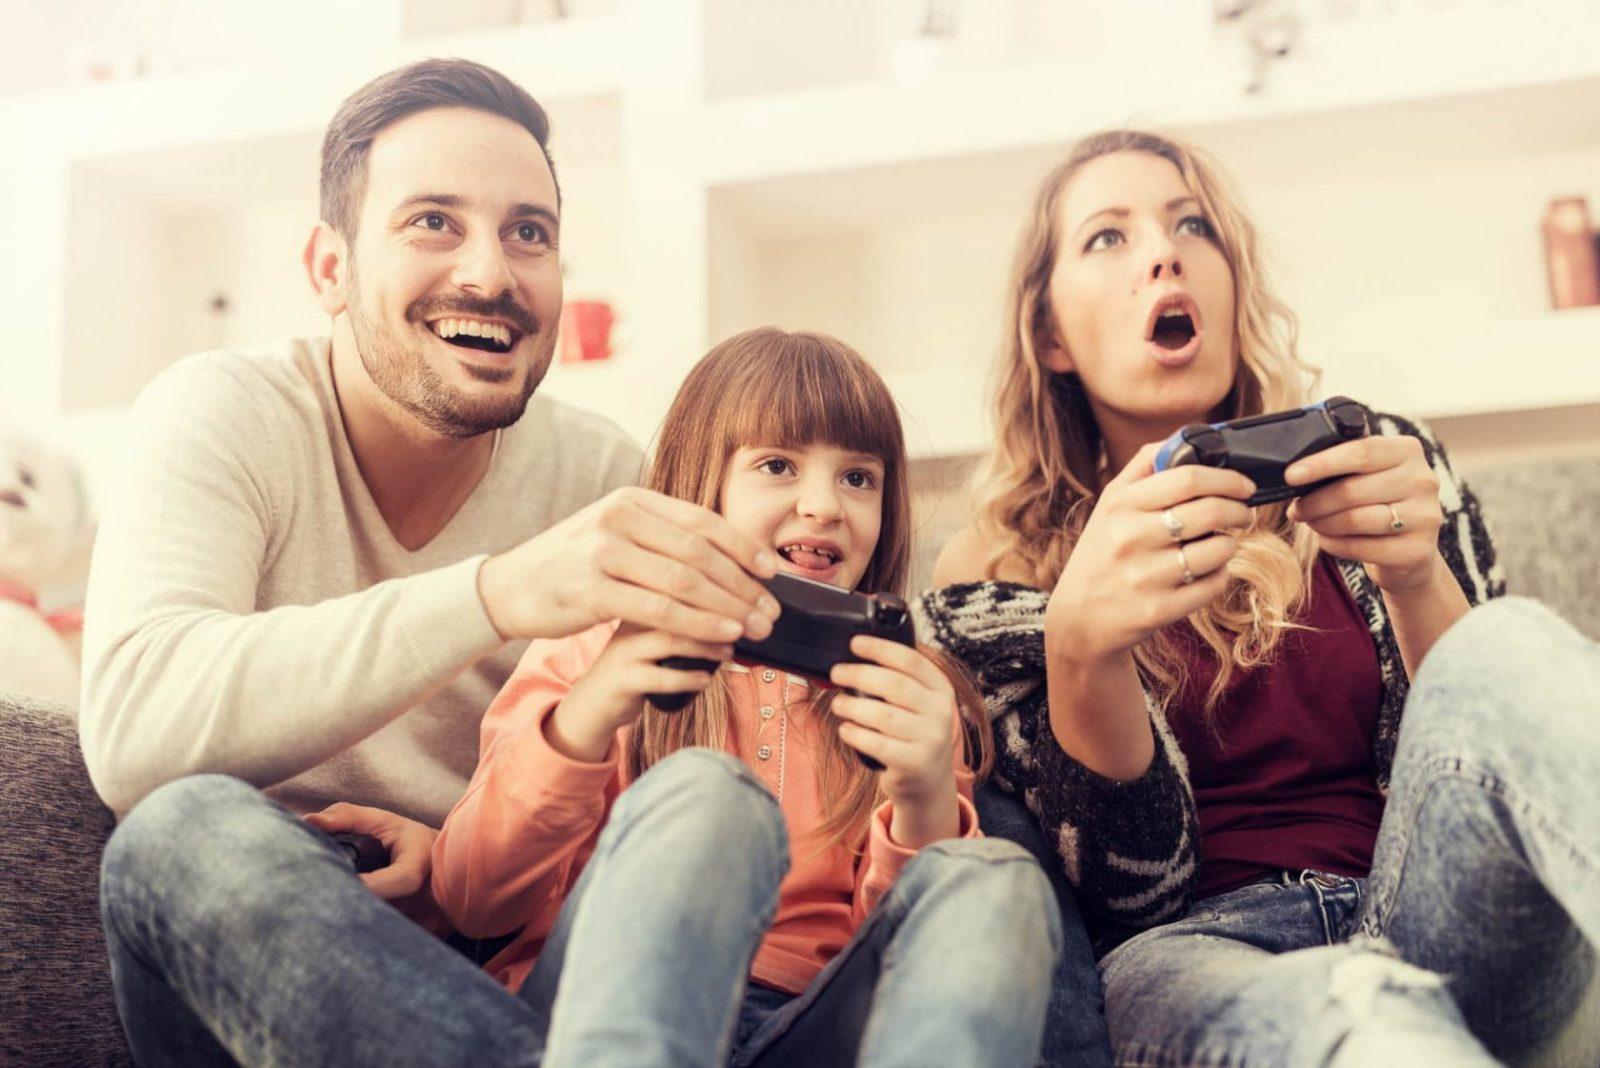 Семья играет в игры